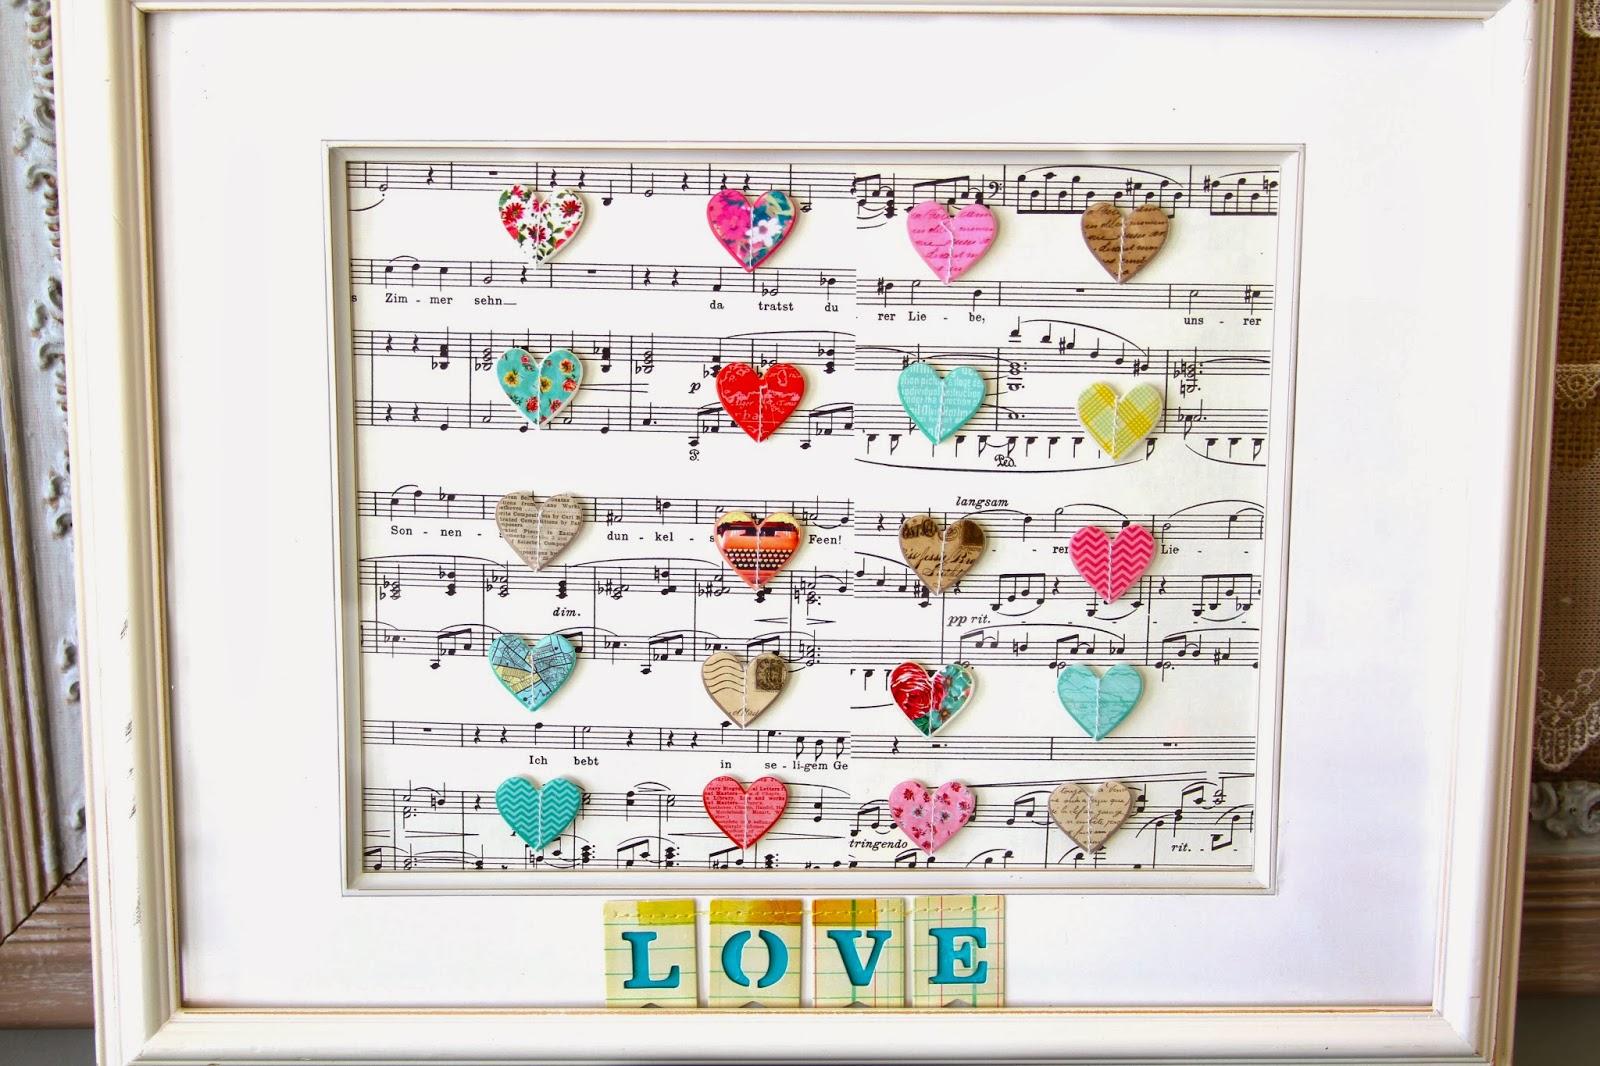 Nesting in the Bluegrass: LOVE Artwork